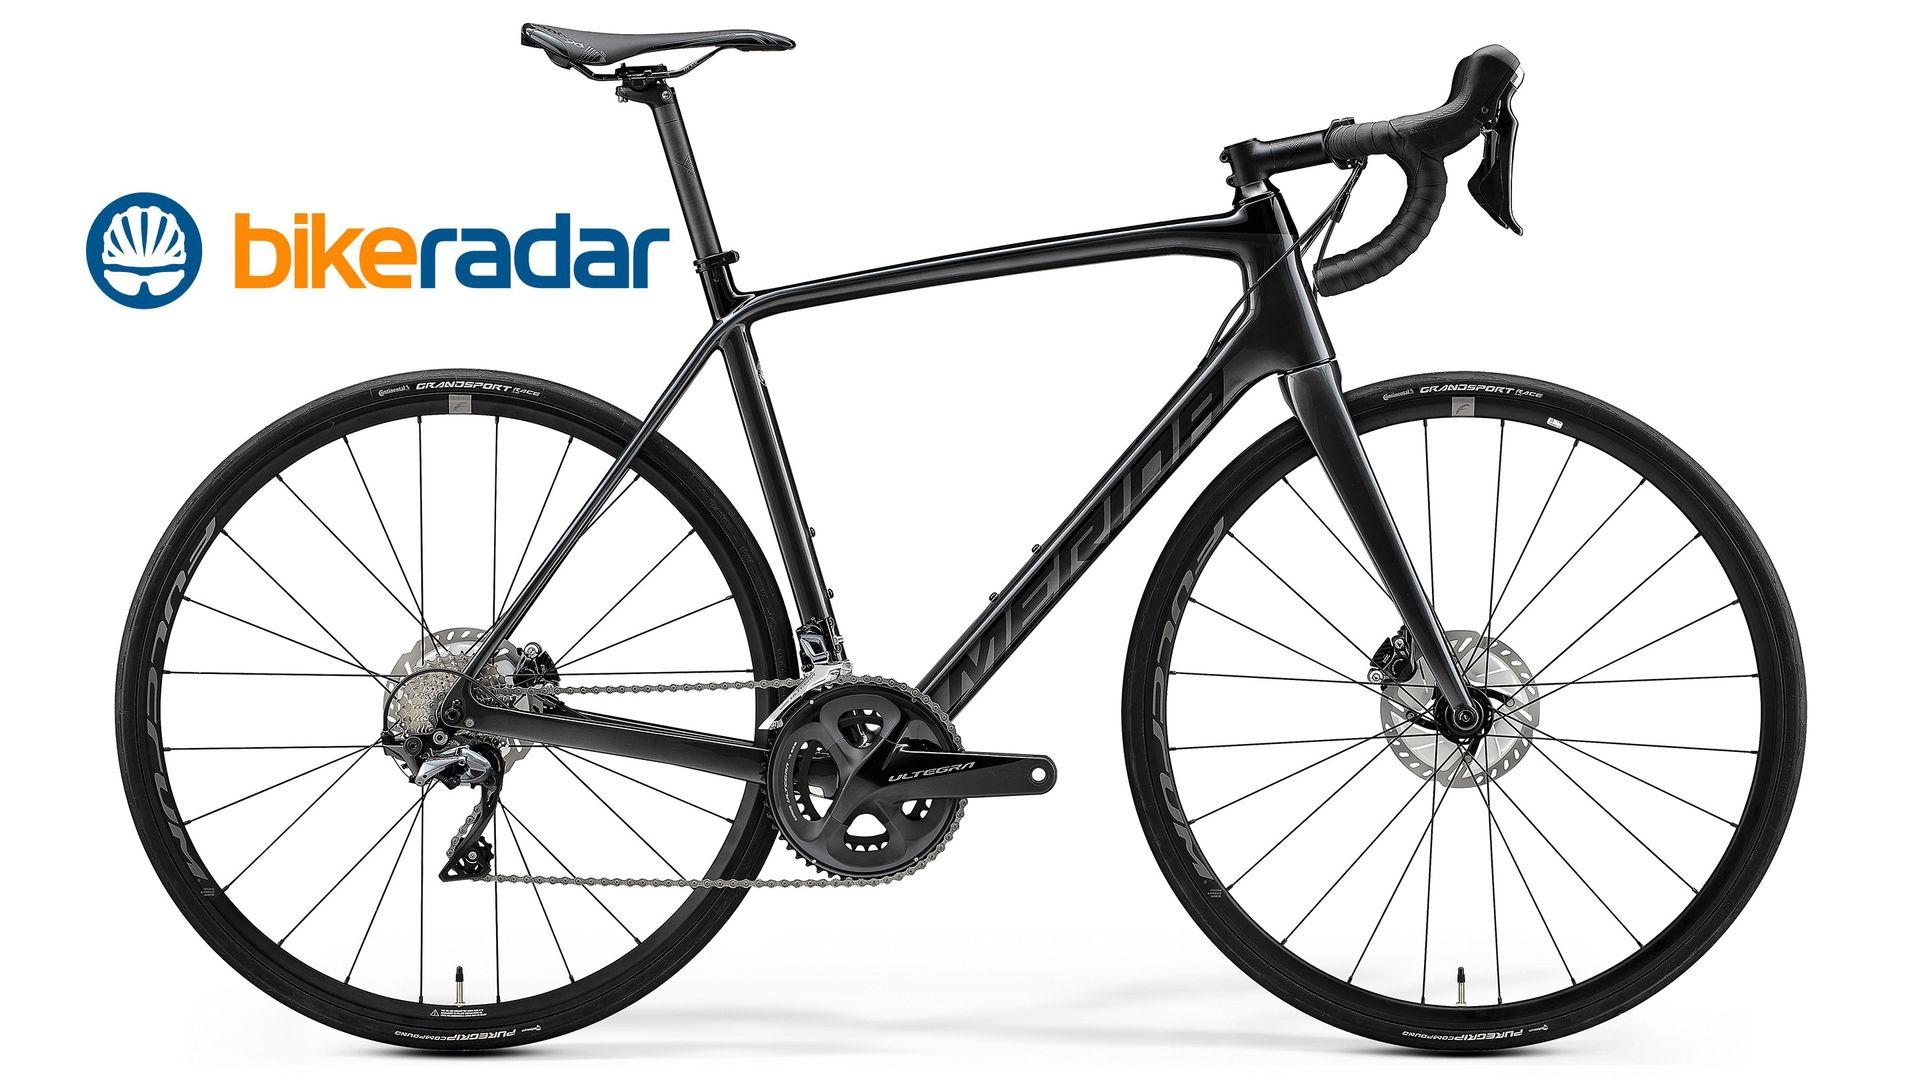 Scultura Disc 6000, rowery szosowe, rowery szosowe z hamulcami tarczowymi, Merida Scultura, rower szosowy, rower szosa, Merida bikes